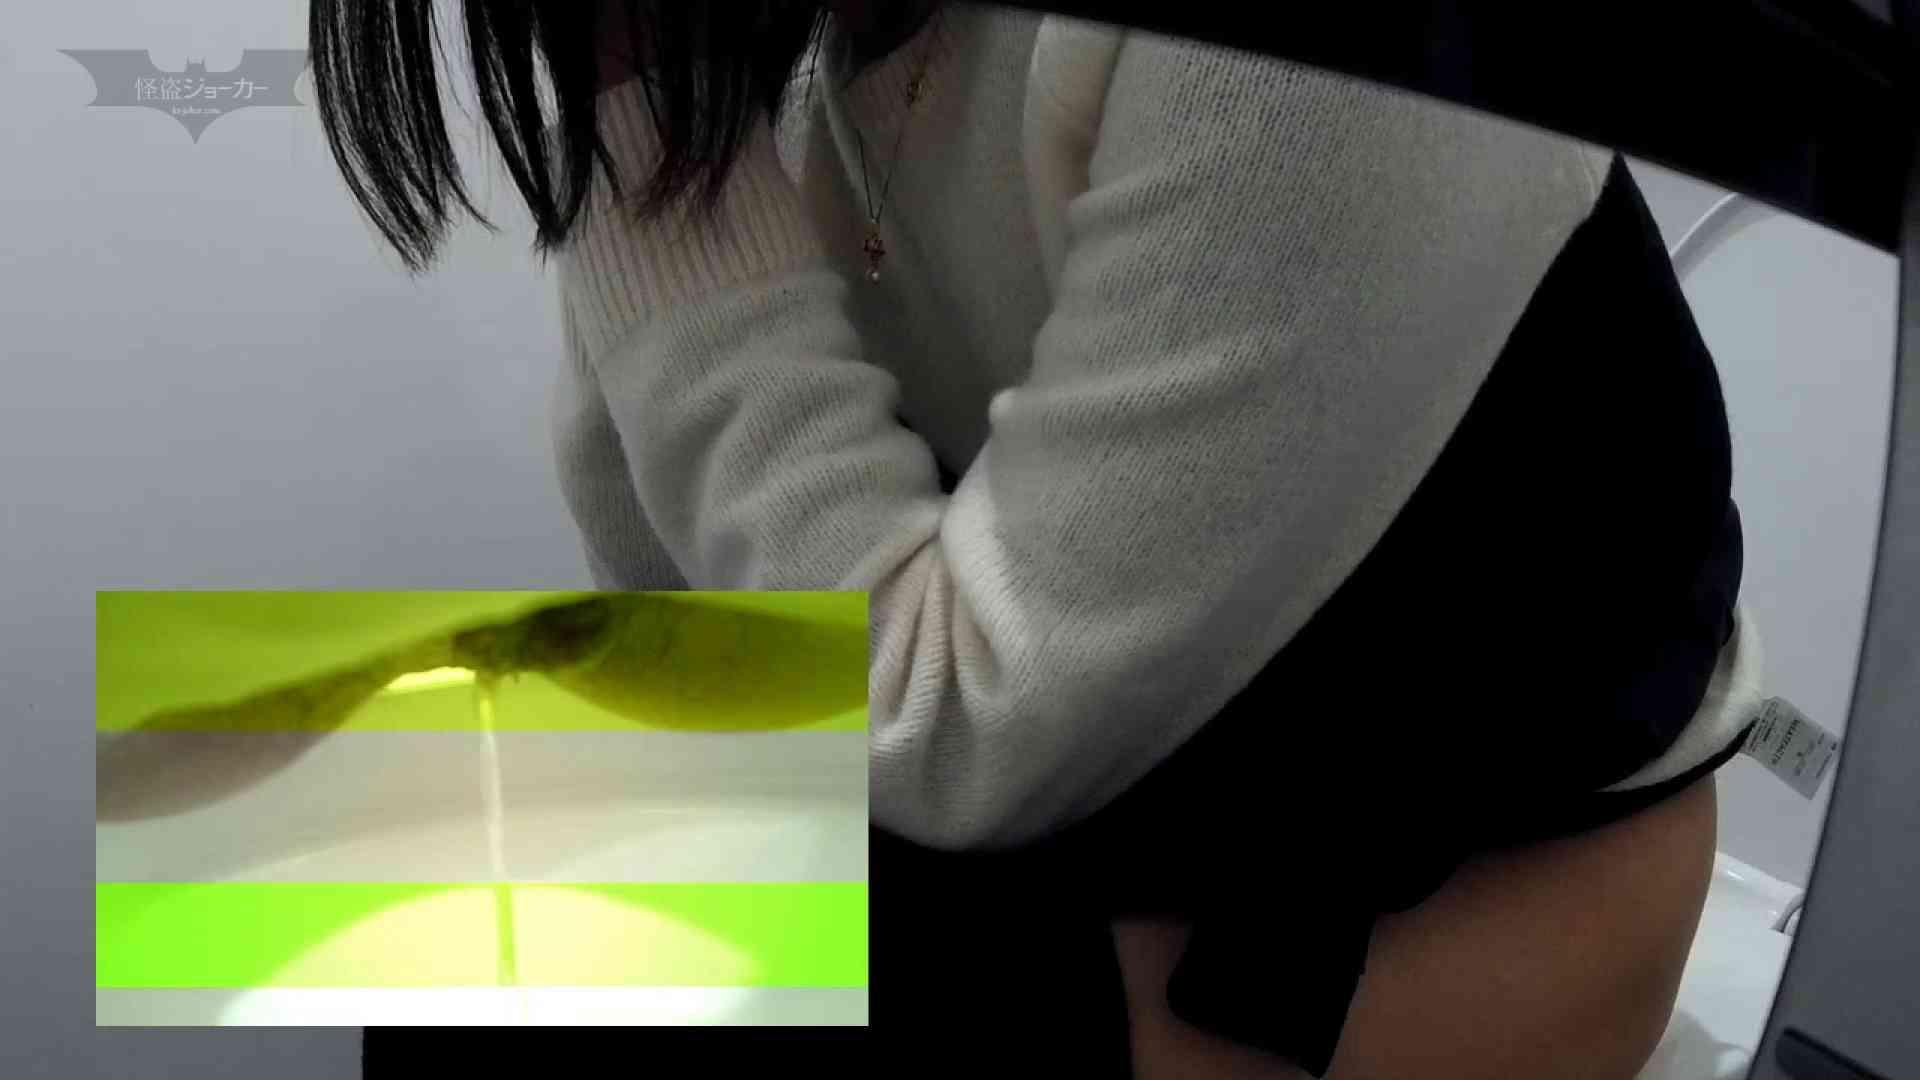 有名大学女性洗面所 vol.57 S級美女マルチアングル撮り!! 潜入   和式  88PIX 49